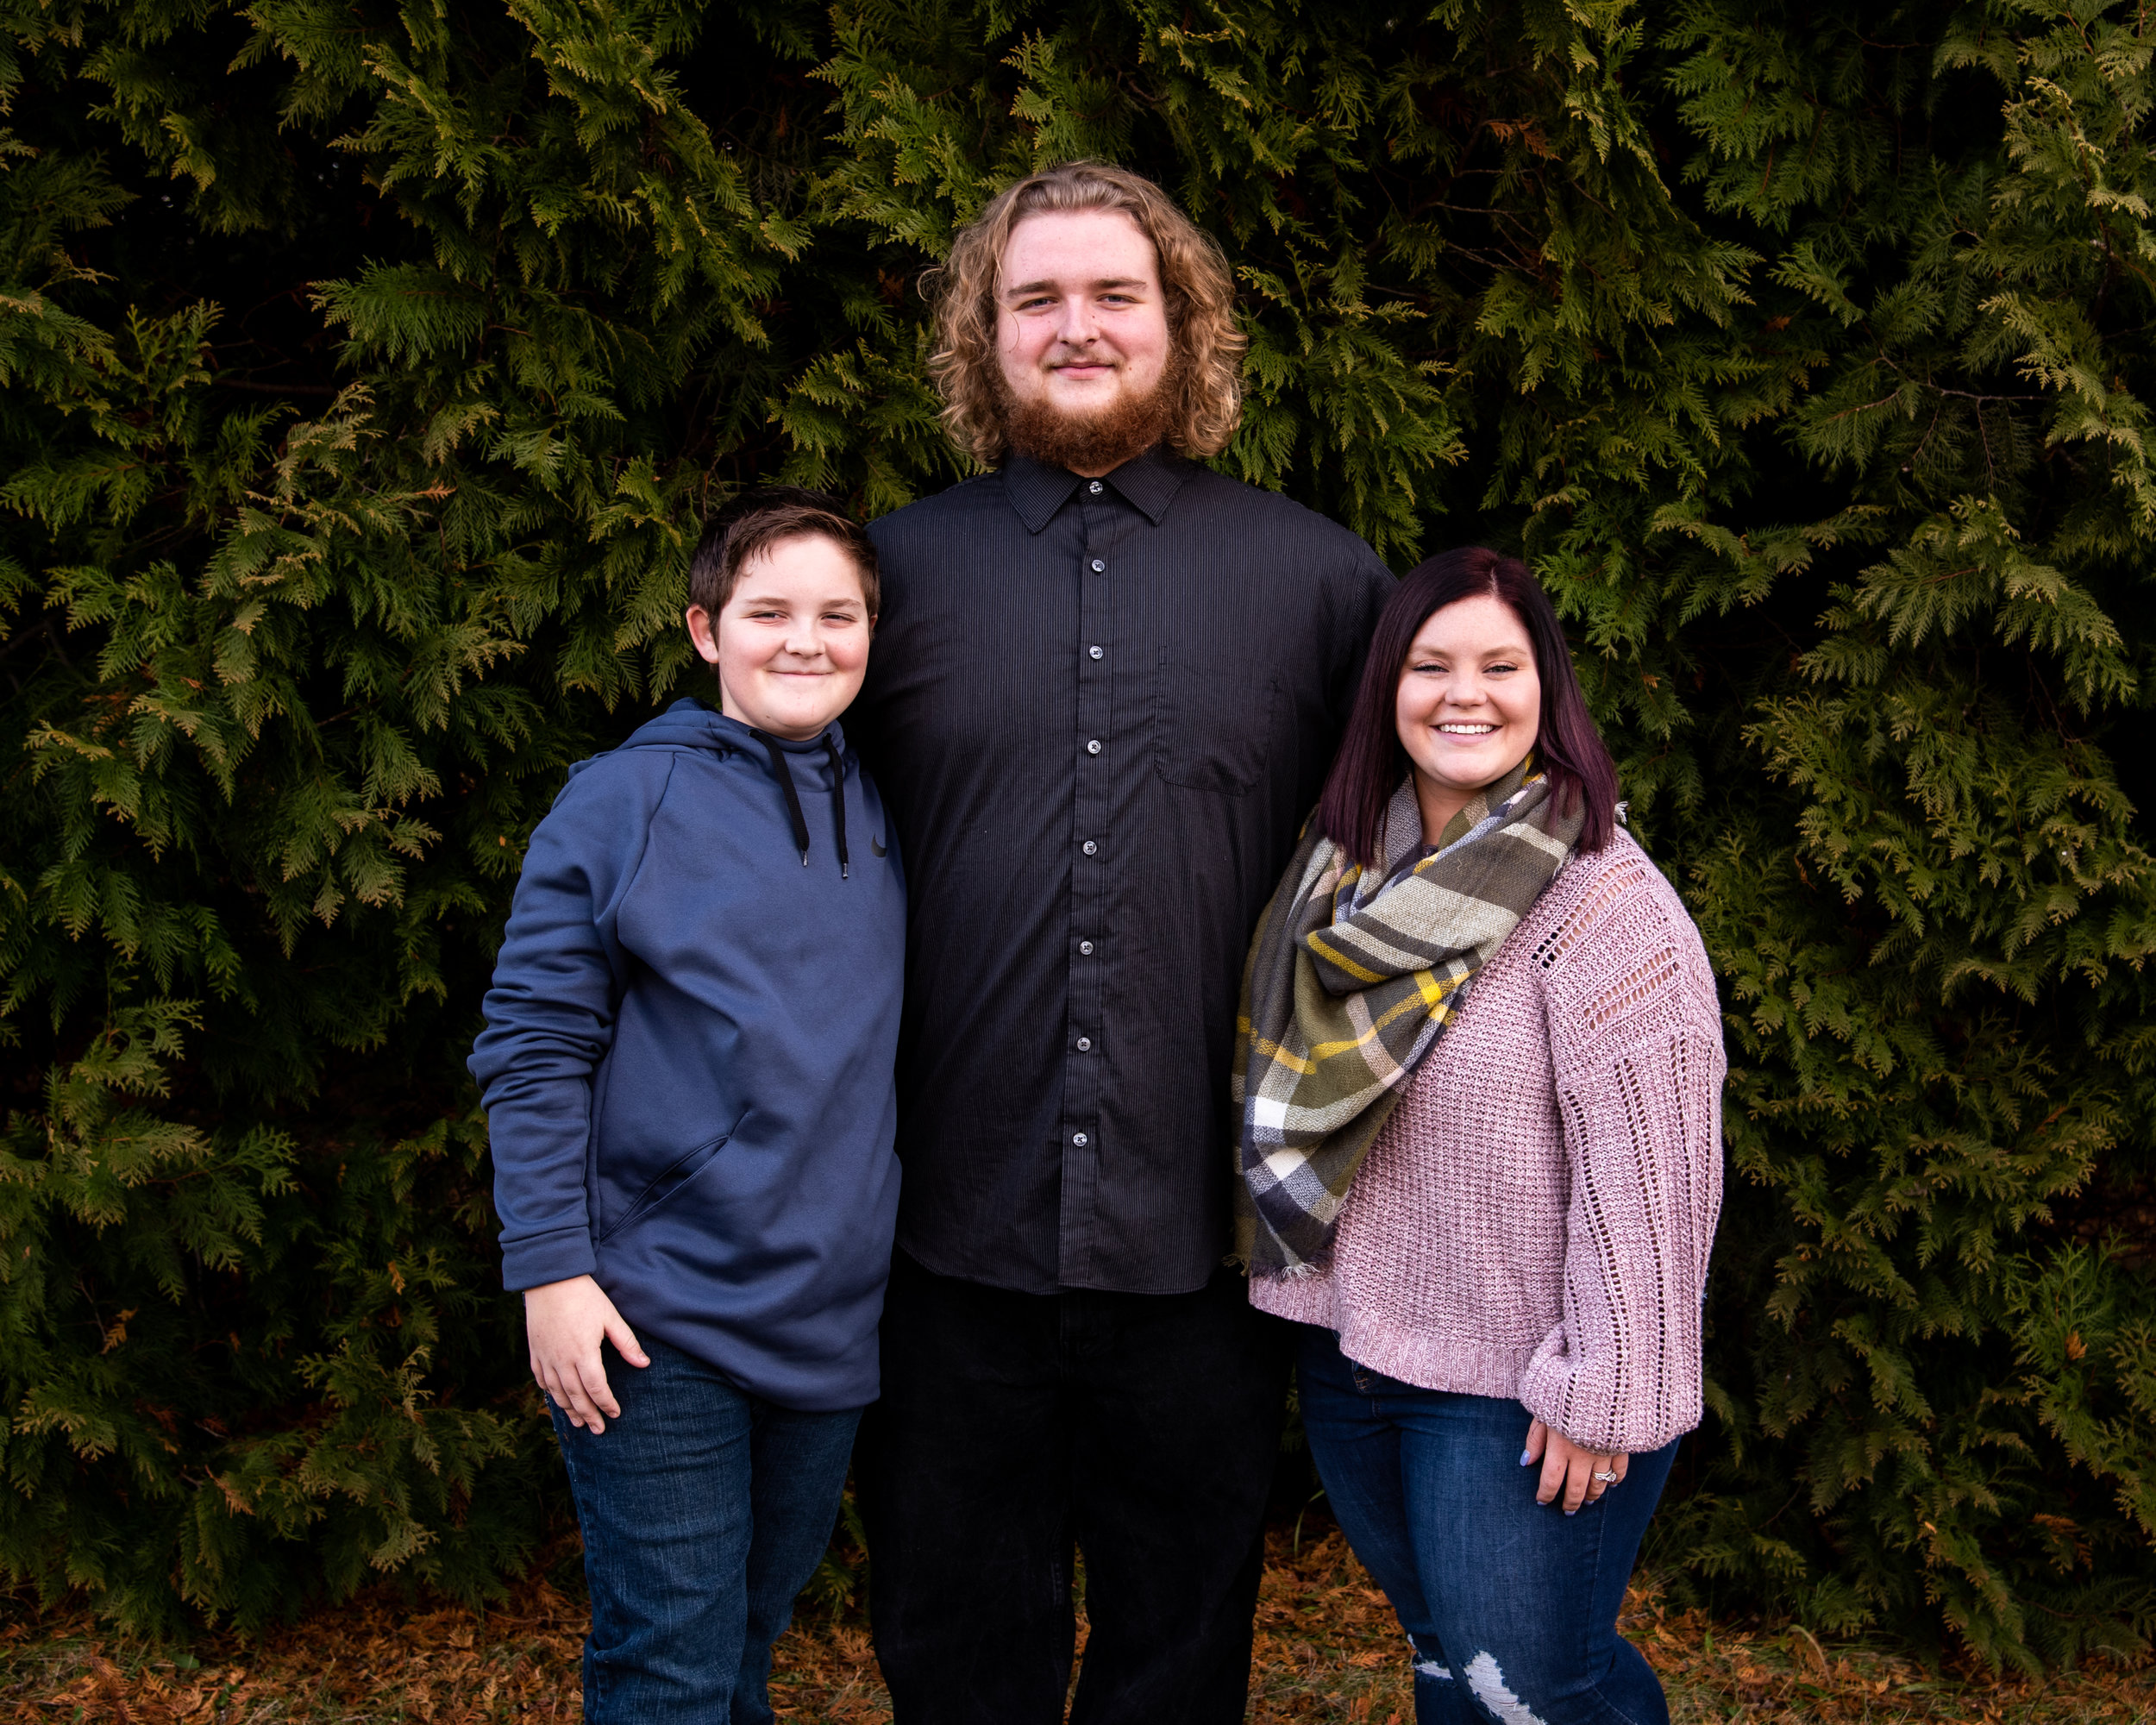 Kyla Jo Photography // Muncie Indiana Photographer // Family Photos // Whitetail Tree Farm // Siblings // Winter Photo Shoot // Christmas Tree Farm Photo Session